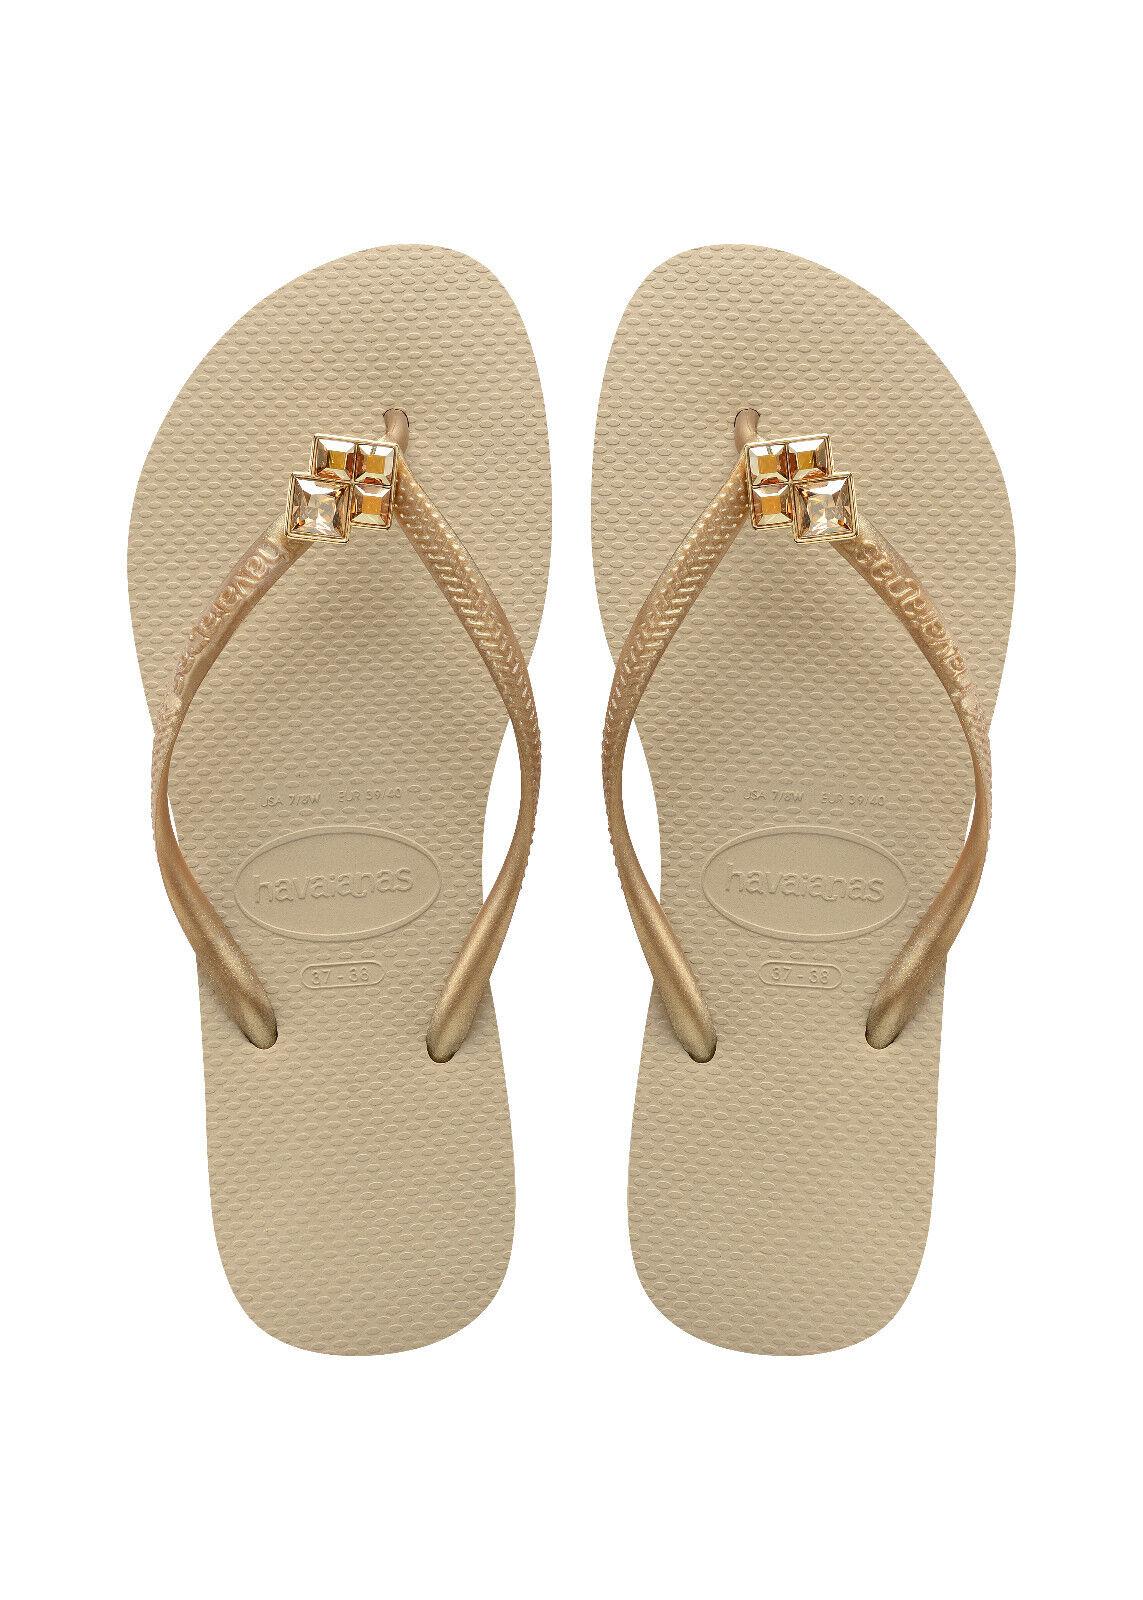 Havaianas Bride D'Orteil Flops prisonniers slim Epic beige or sable gris NEUF